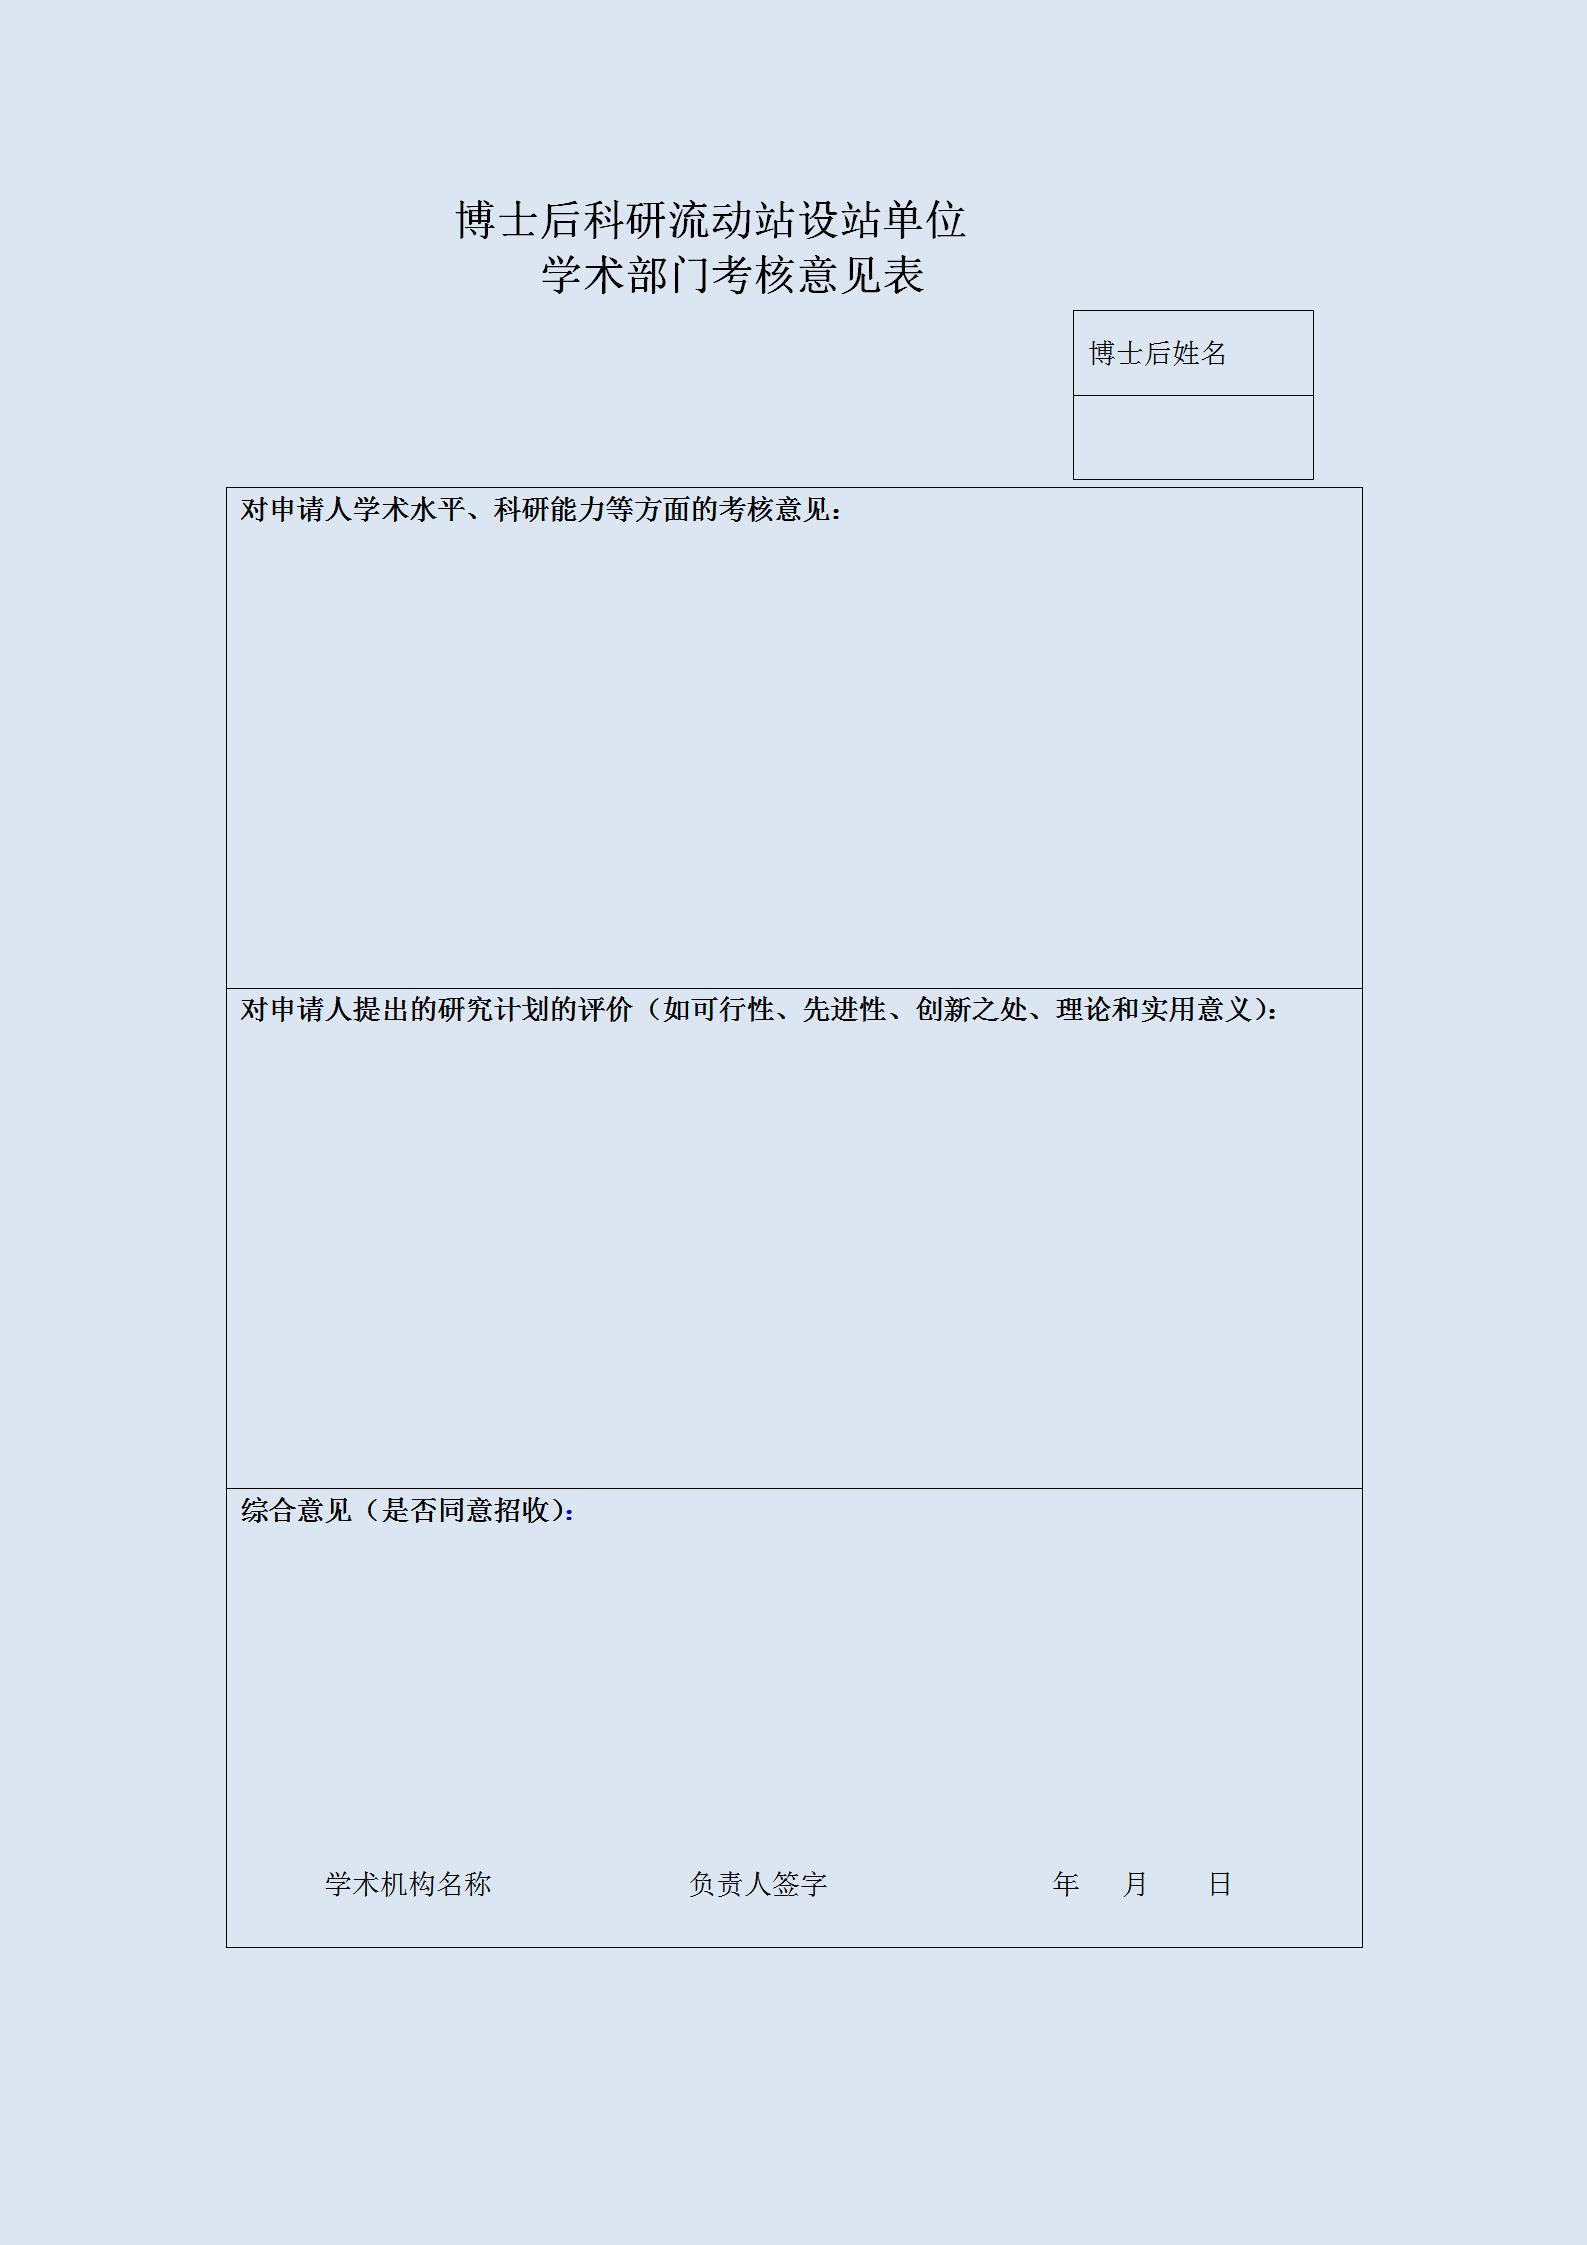 博士后科研流动站设站单位学术部门考核意见表(模板)